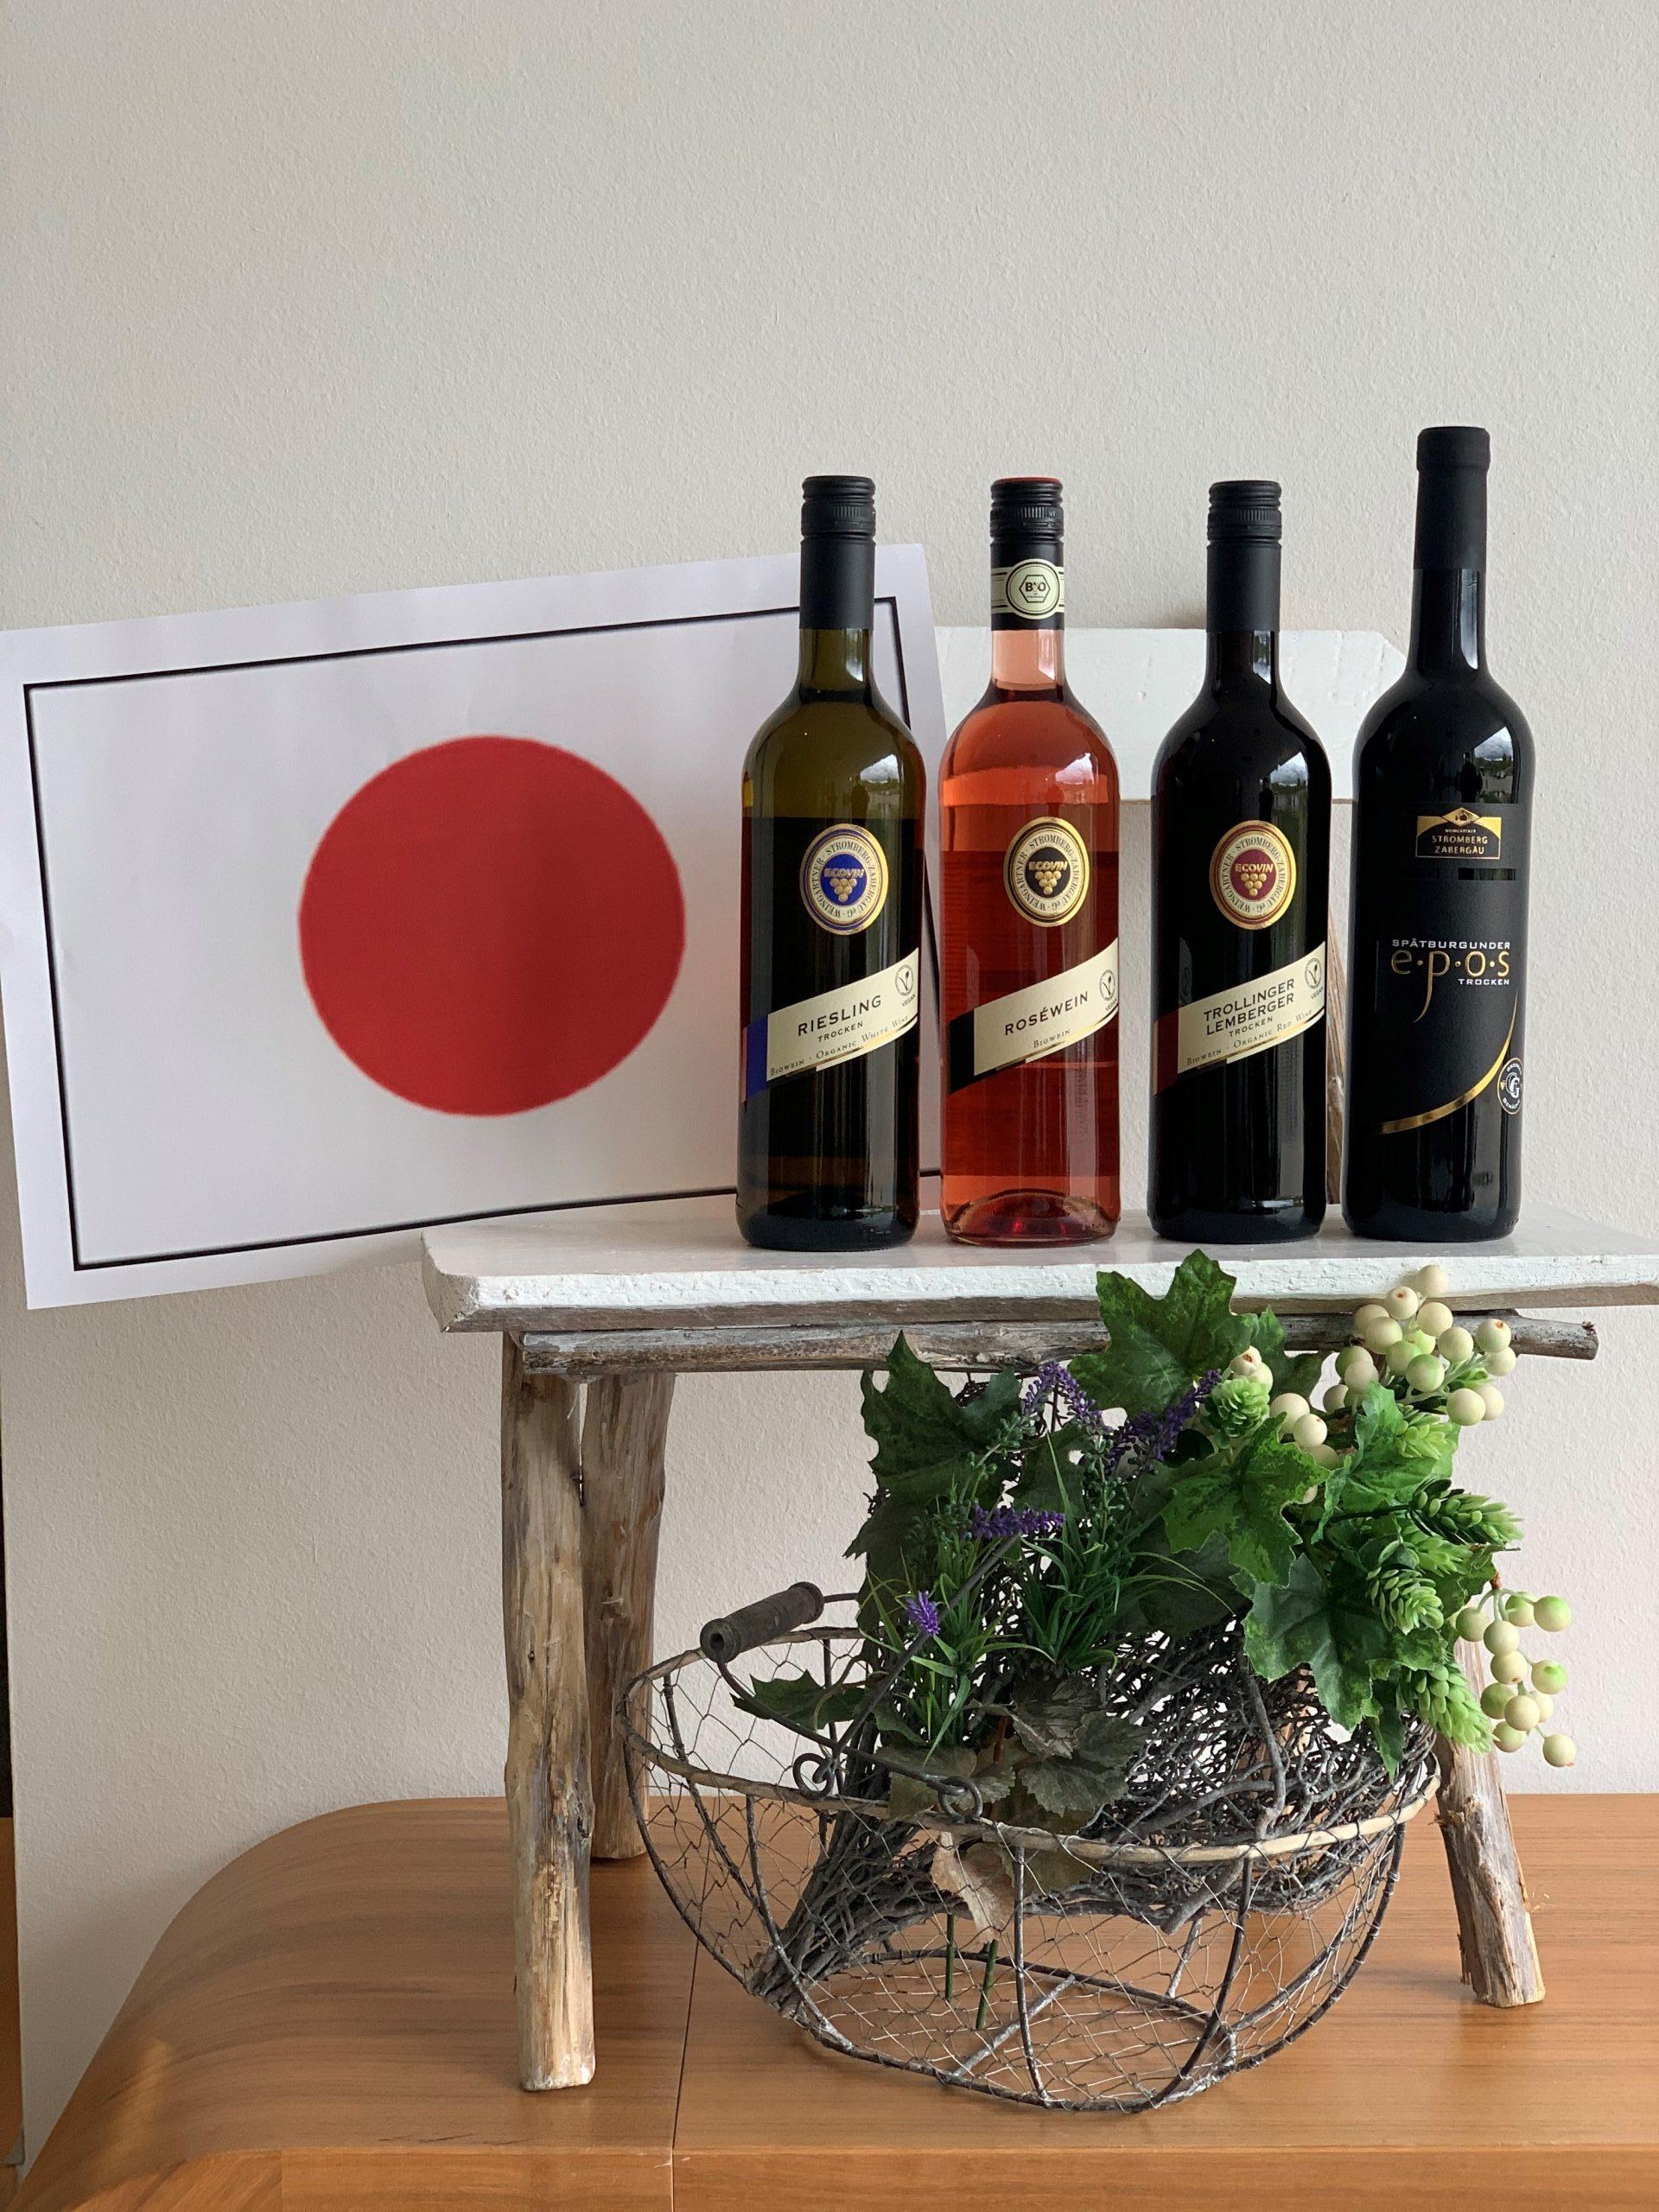 Die Weine der Weingärtner Stromberg-Zabergäu, die nach Japan exportiert werden sollen.